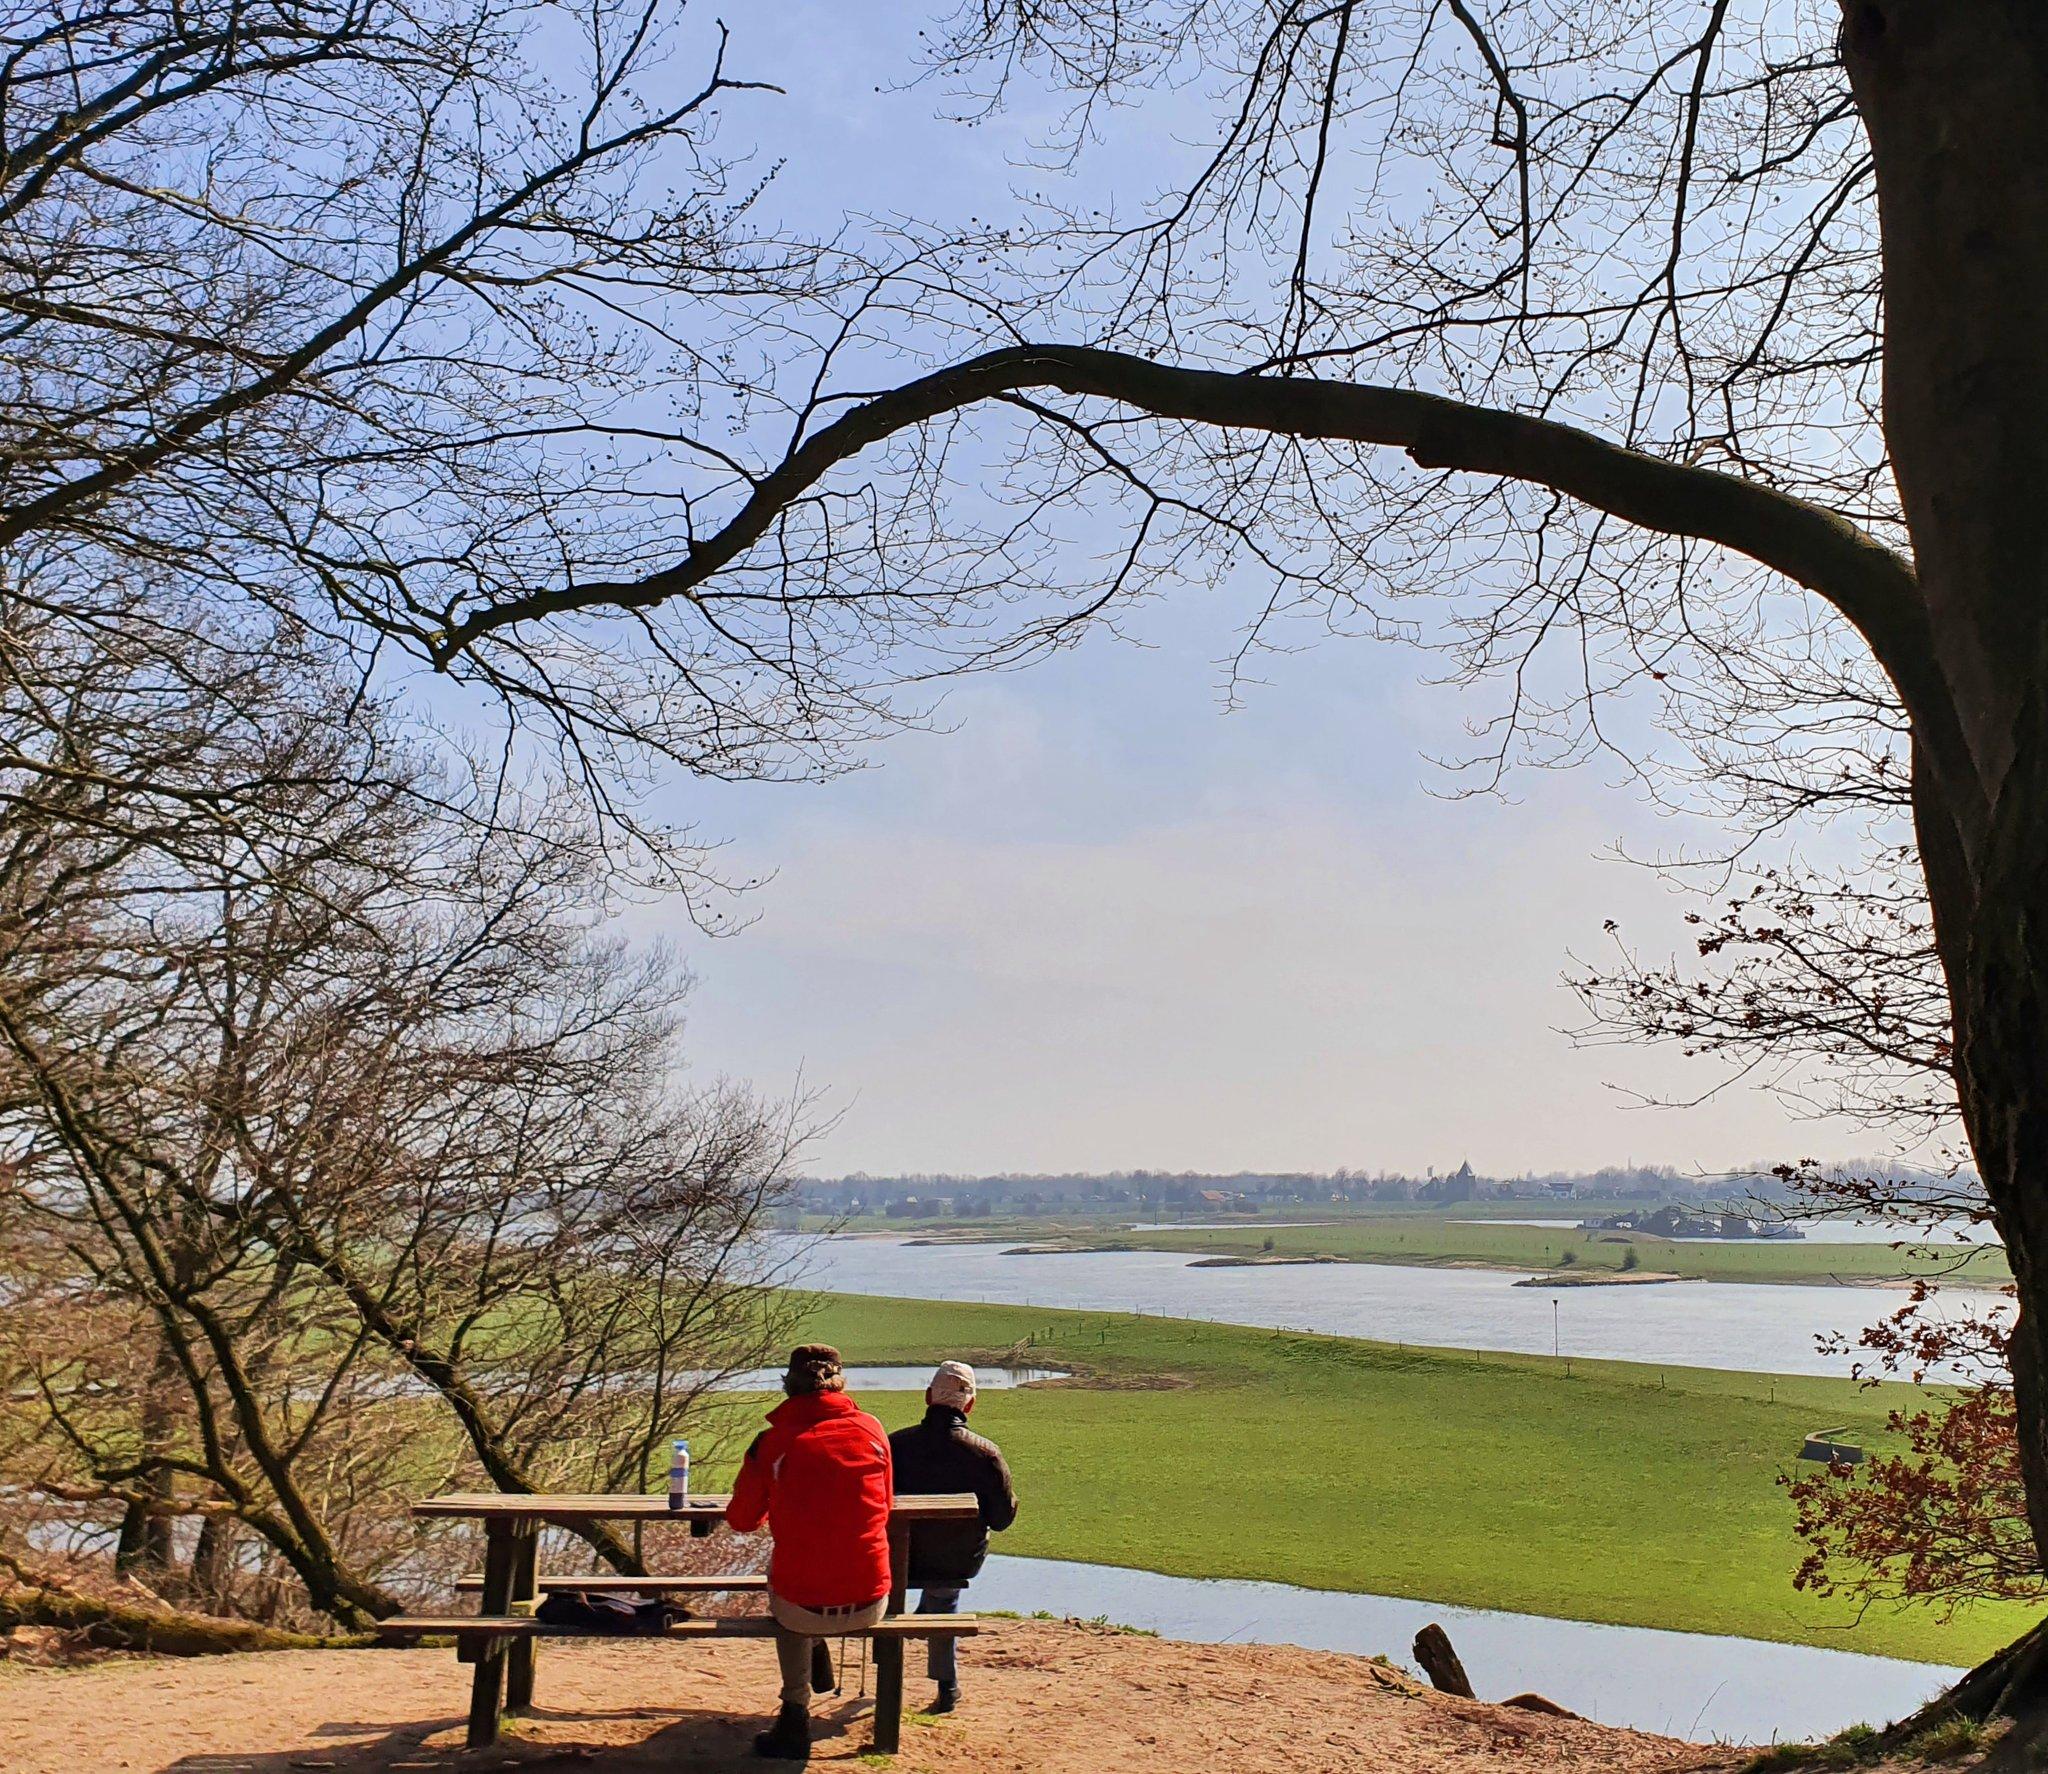 rt-wolfswandelplan-zicht-op-rivierdal-van-de-nederrijn-vanaf-de-noordberg-bij-renkum-wandelbankjes-https-t-co-gcstcqydip